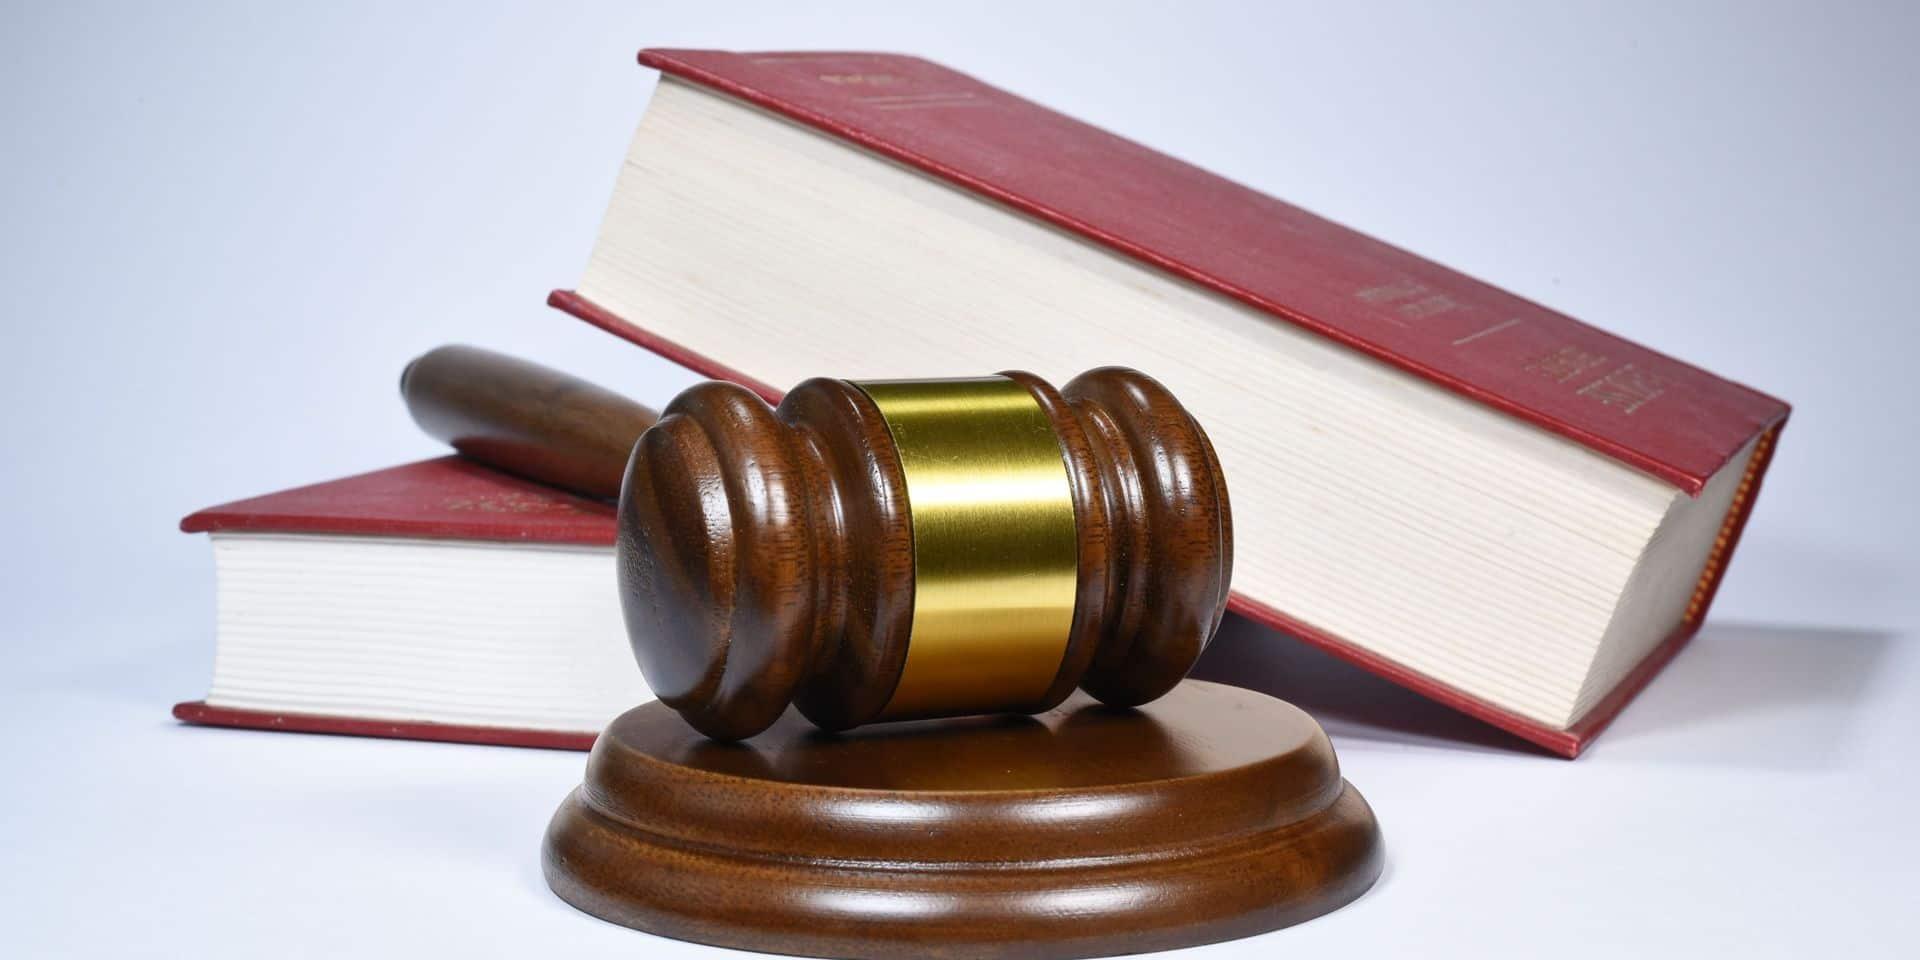 Verviers : jusque 20 mois de prison requis pour des escroqueries dans des magasins de bricolage